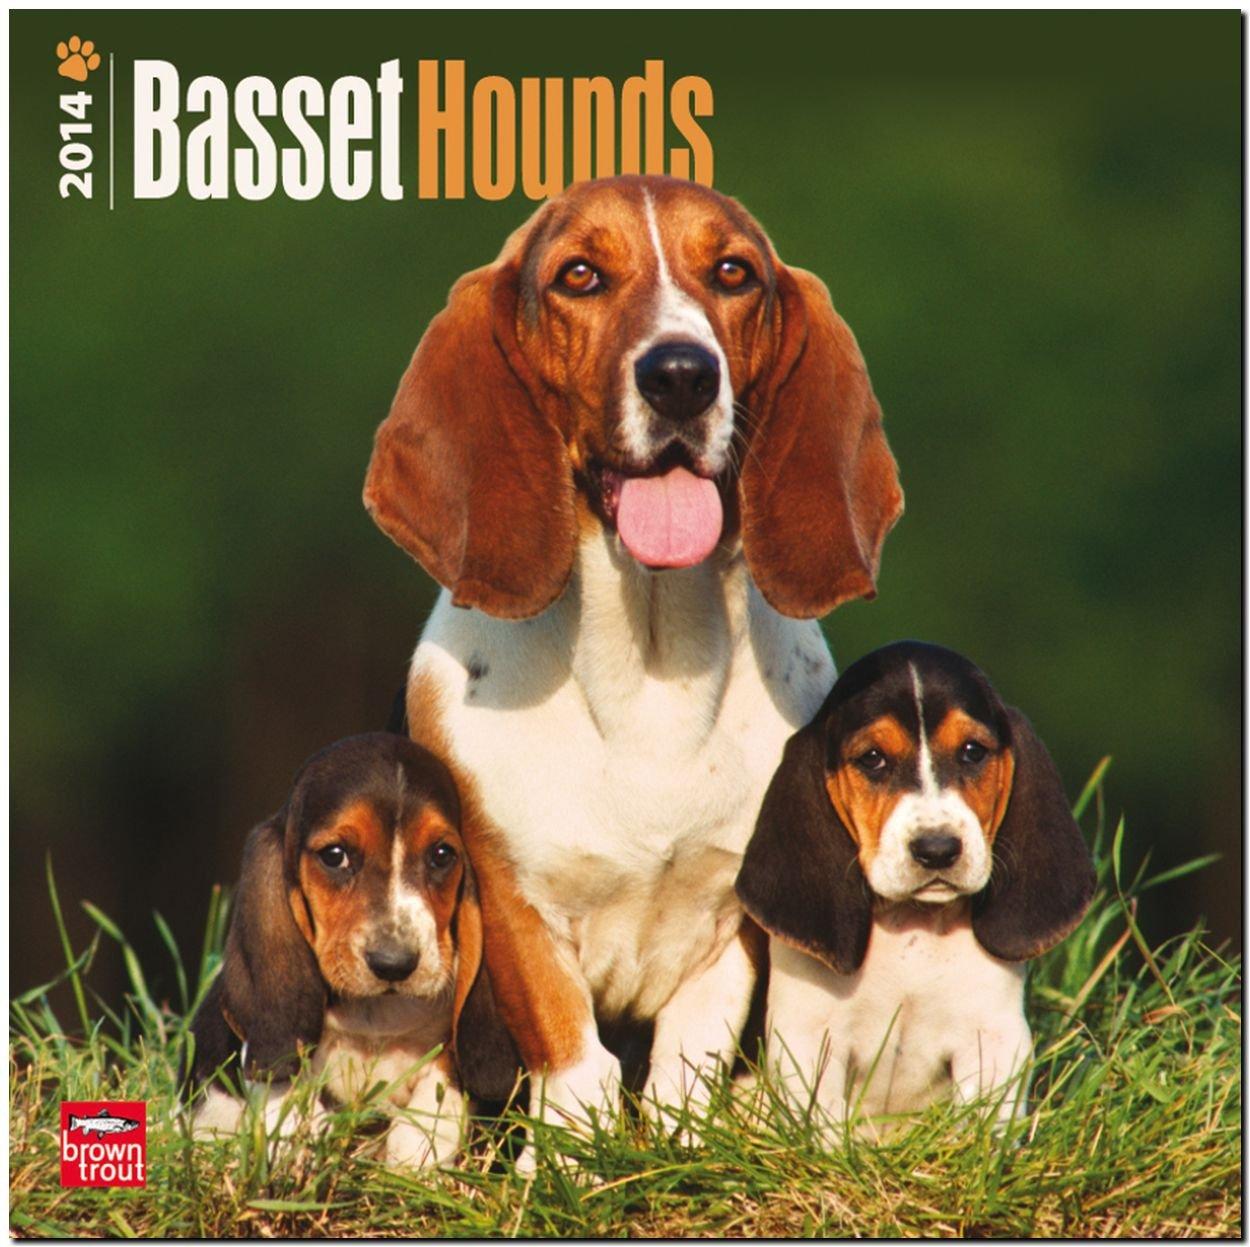 Basset Hounds 2014 - Bassets: Original BrownTrout-Kalender [Mehrsprachig] [Kalender]